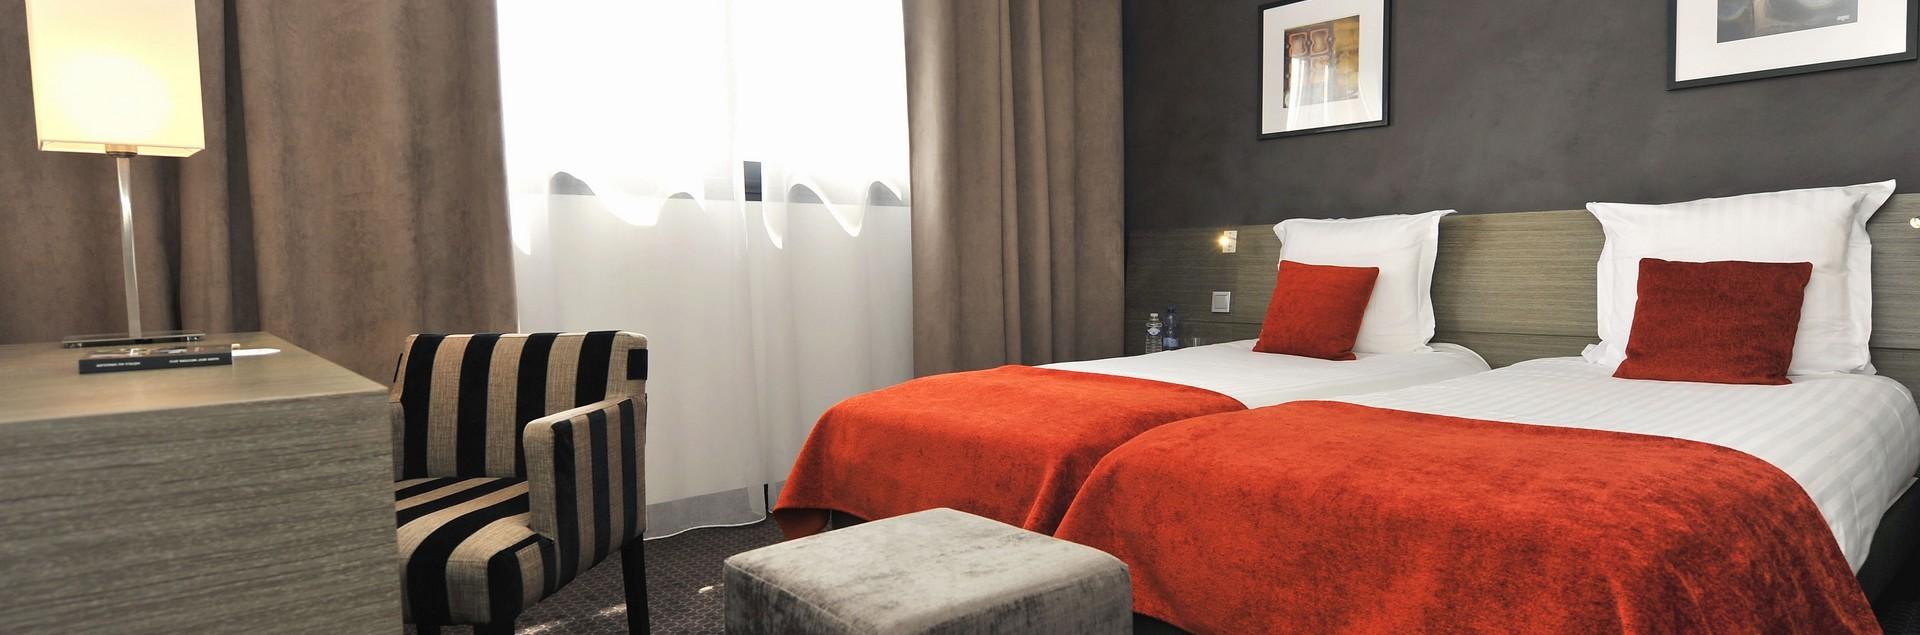 Chambre d'hôtel - Hôtel de la cité Guérande